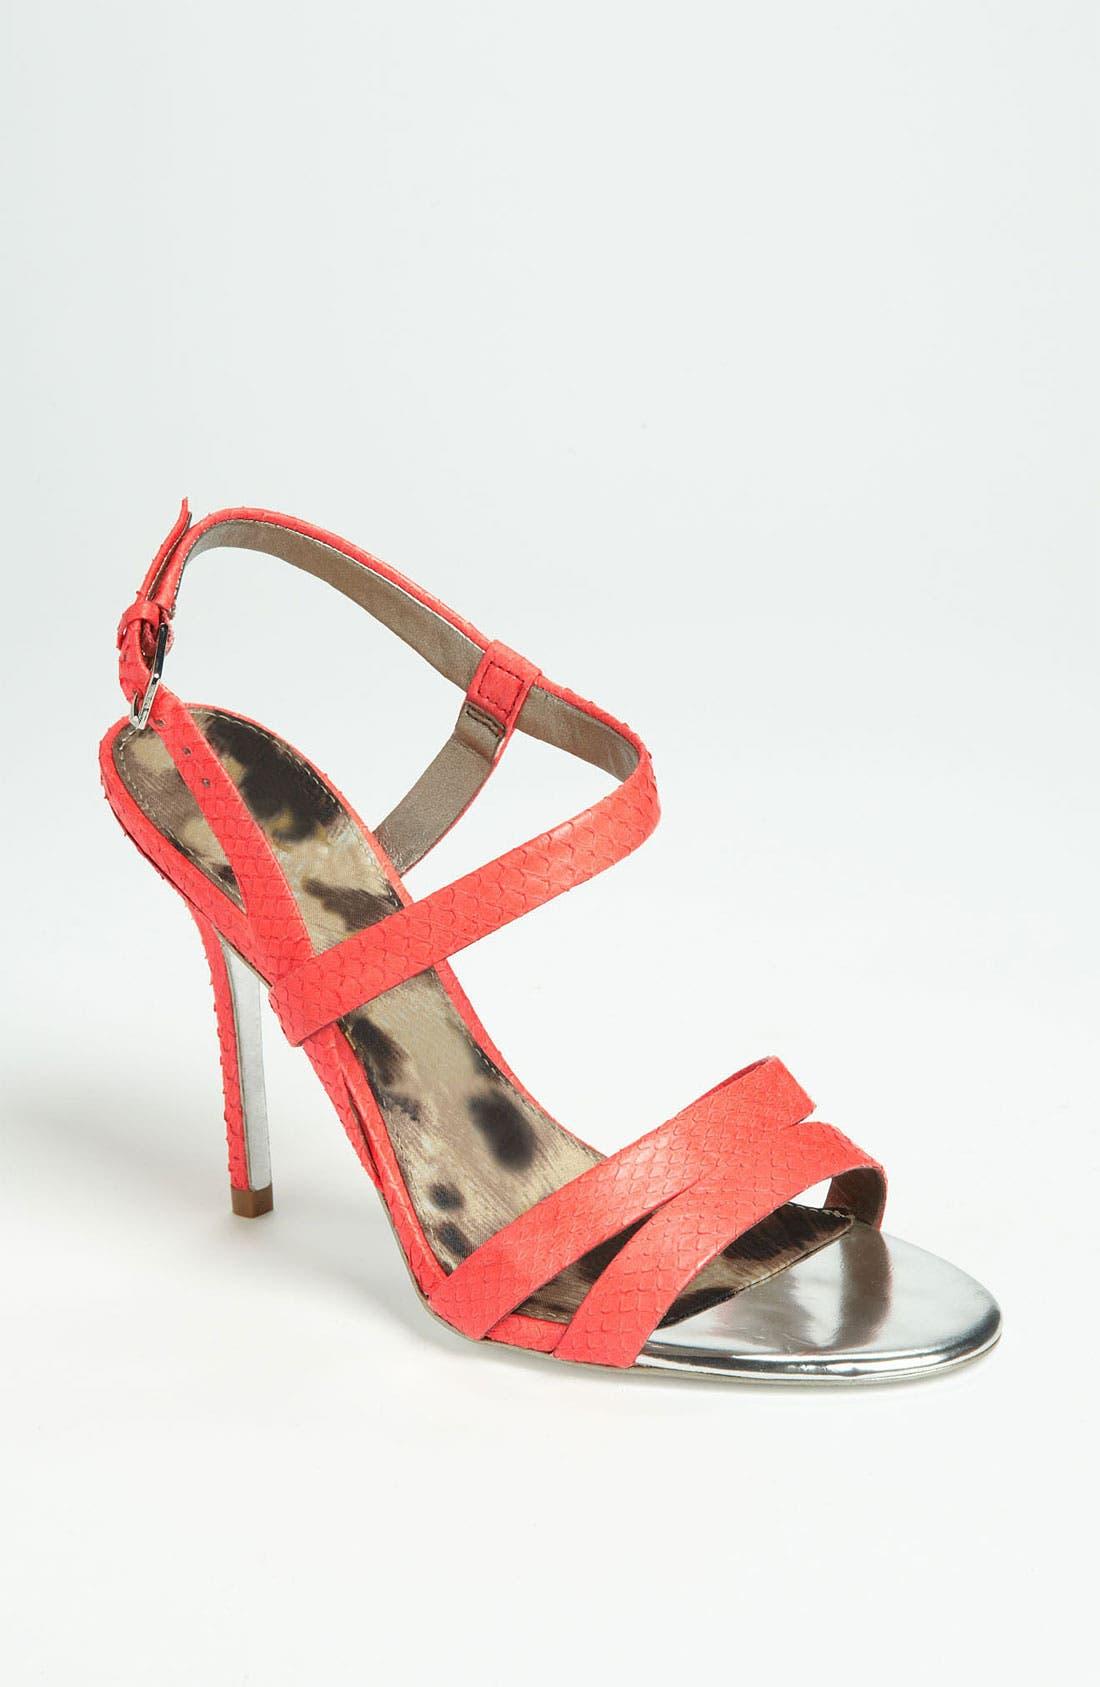 Alternate Image 1 Selected - Sam Edelman 'Abbott' Sandal